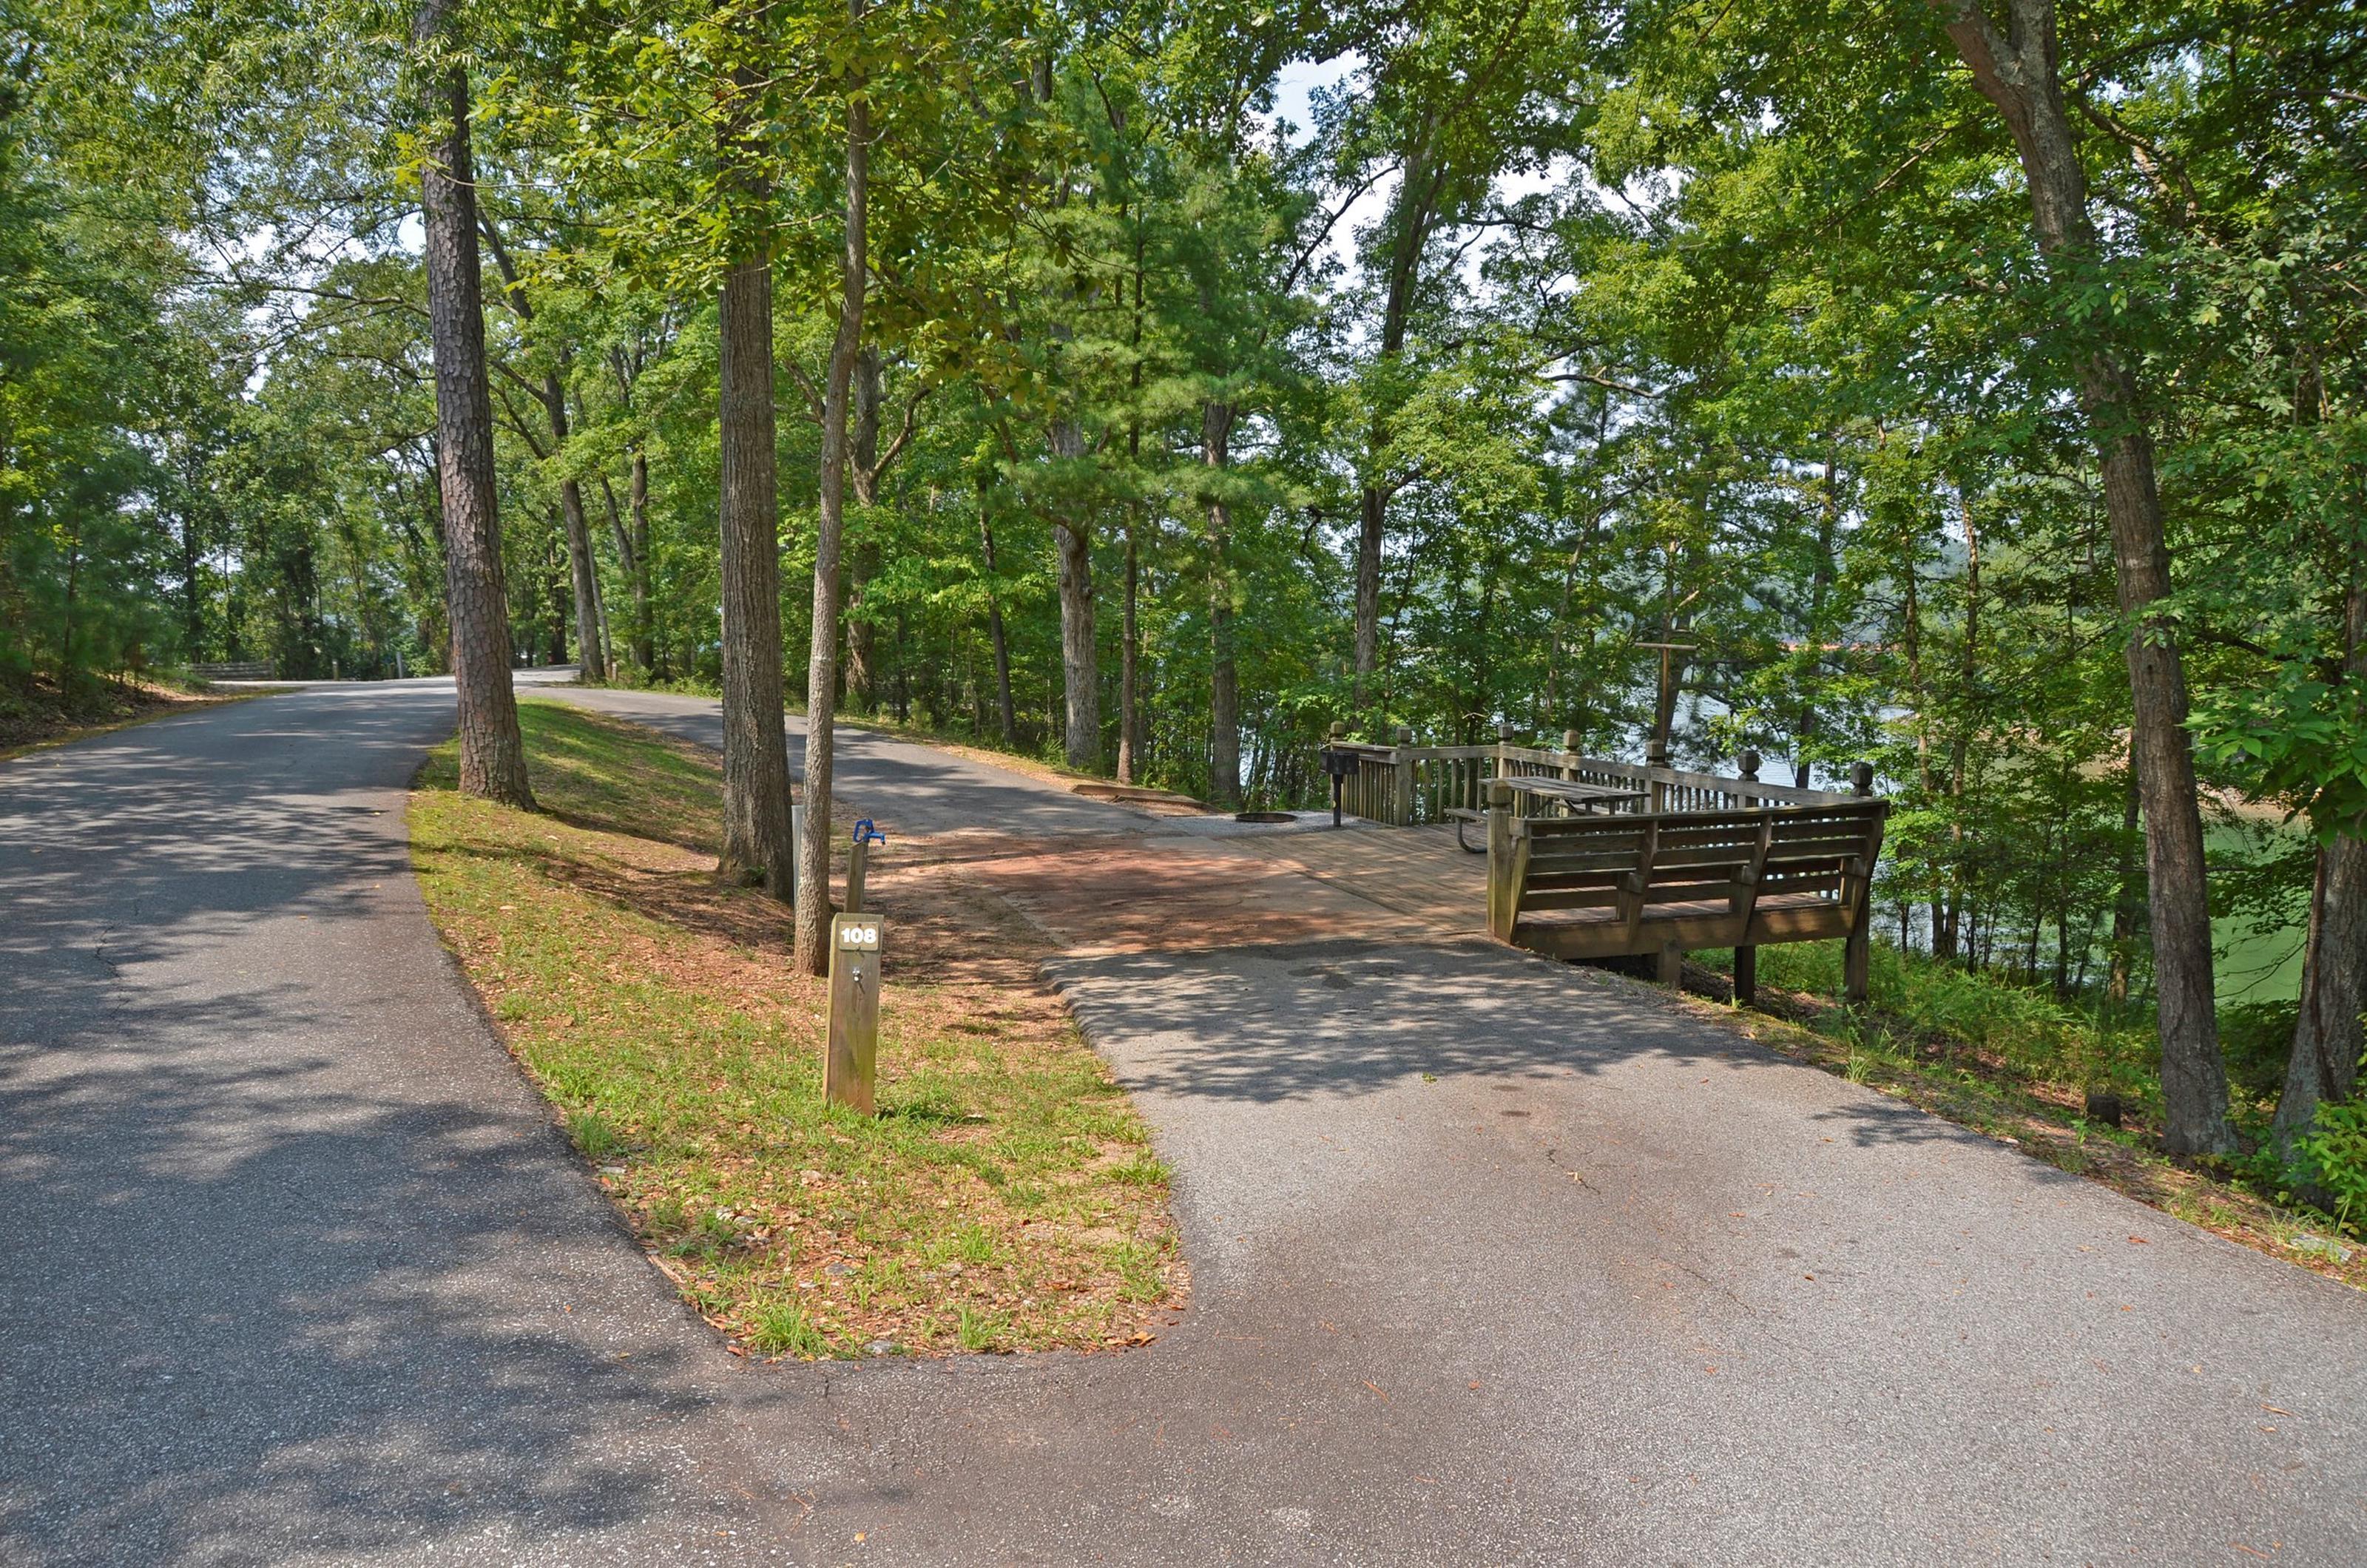 McKinney Campground Site 108